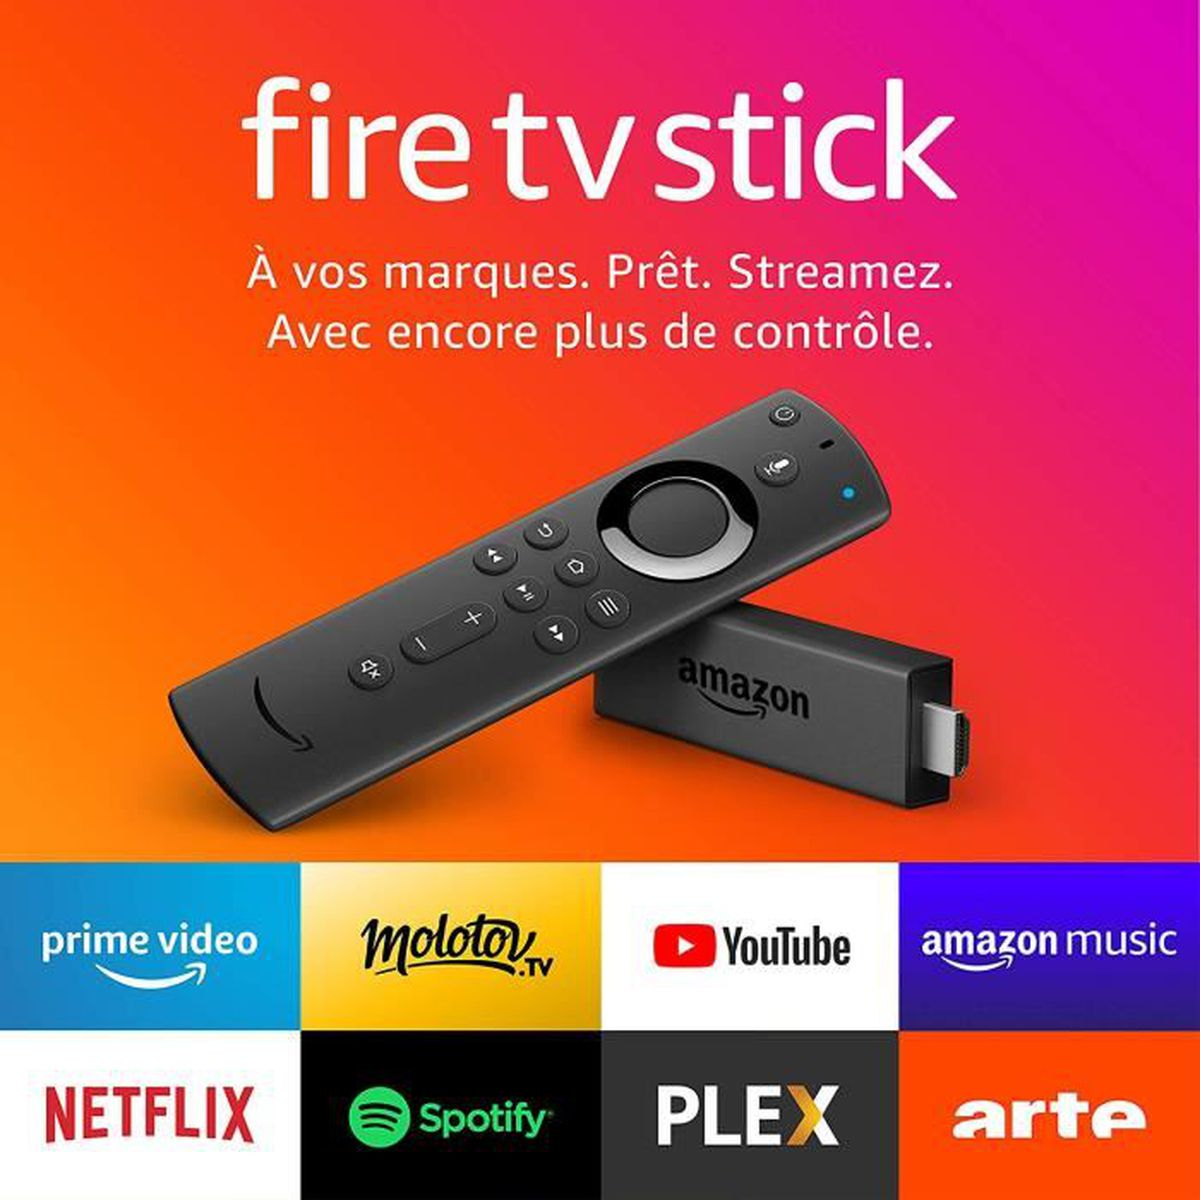 Le top des BOX TV pour rendre votre TV intelligente en 2021 - Fire TV Stick Lite